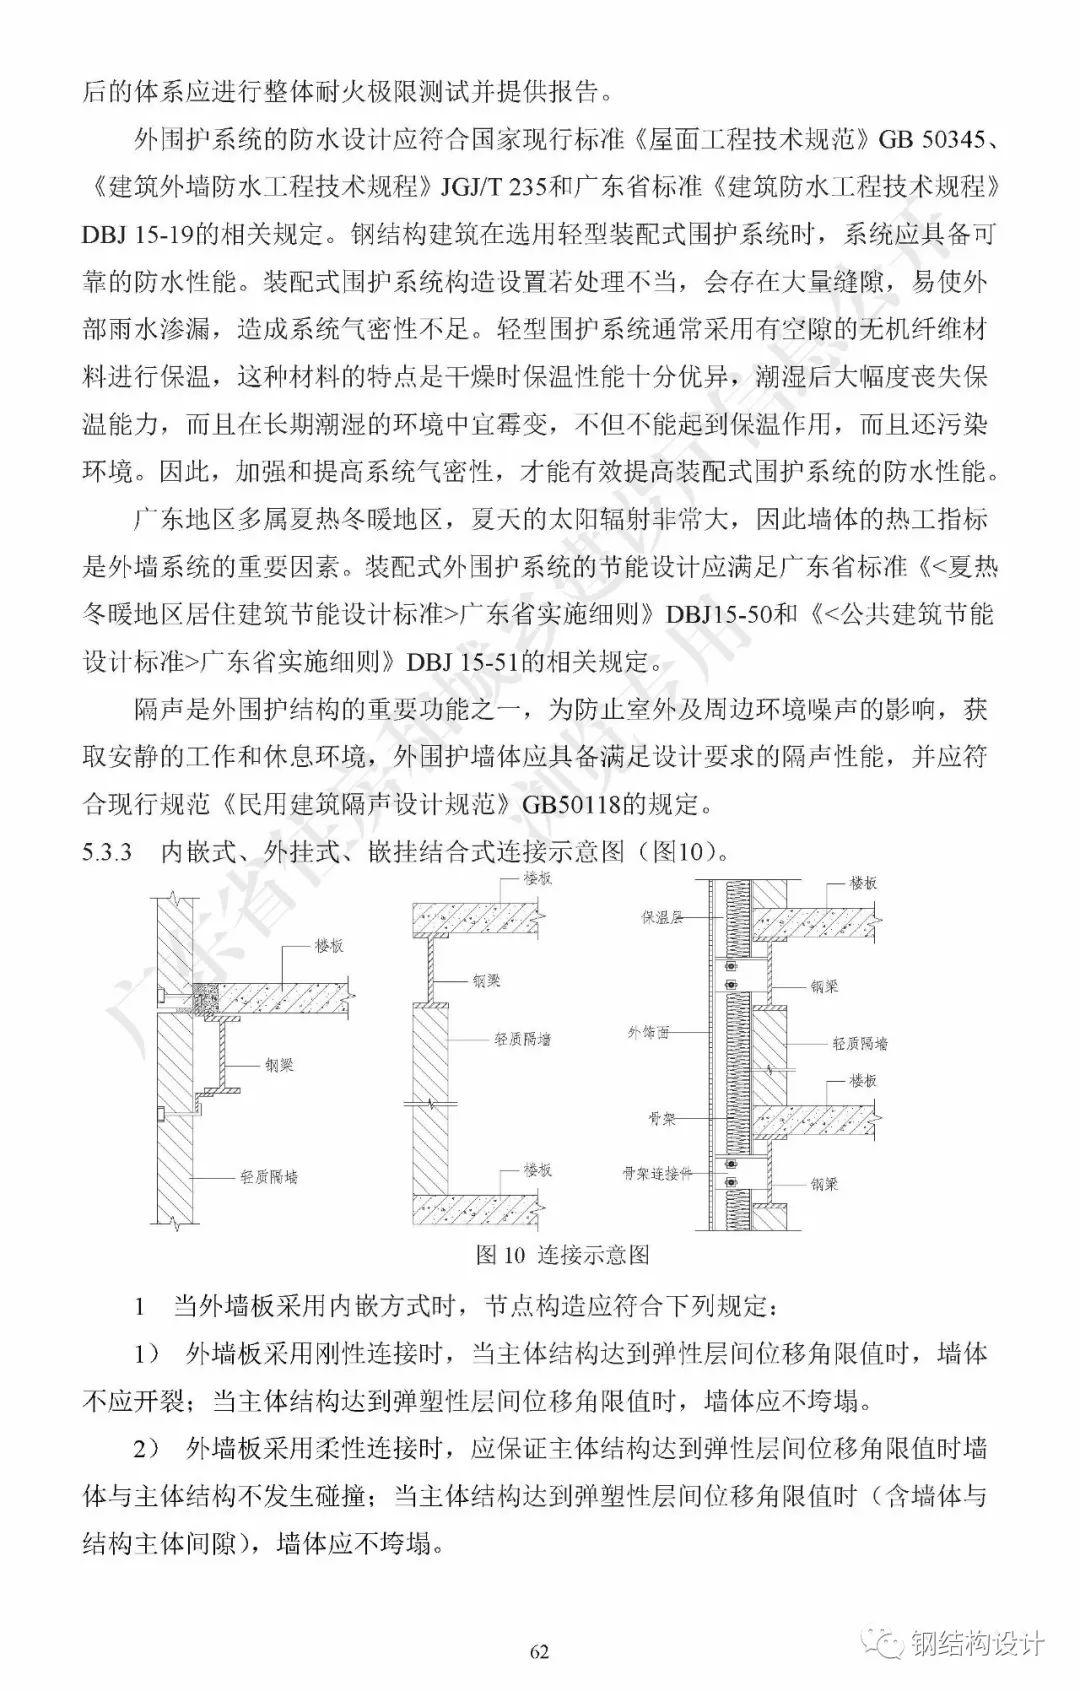 广东省《装配式钢结构建筑技术规程》发布_72